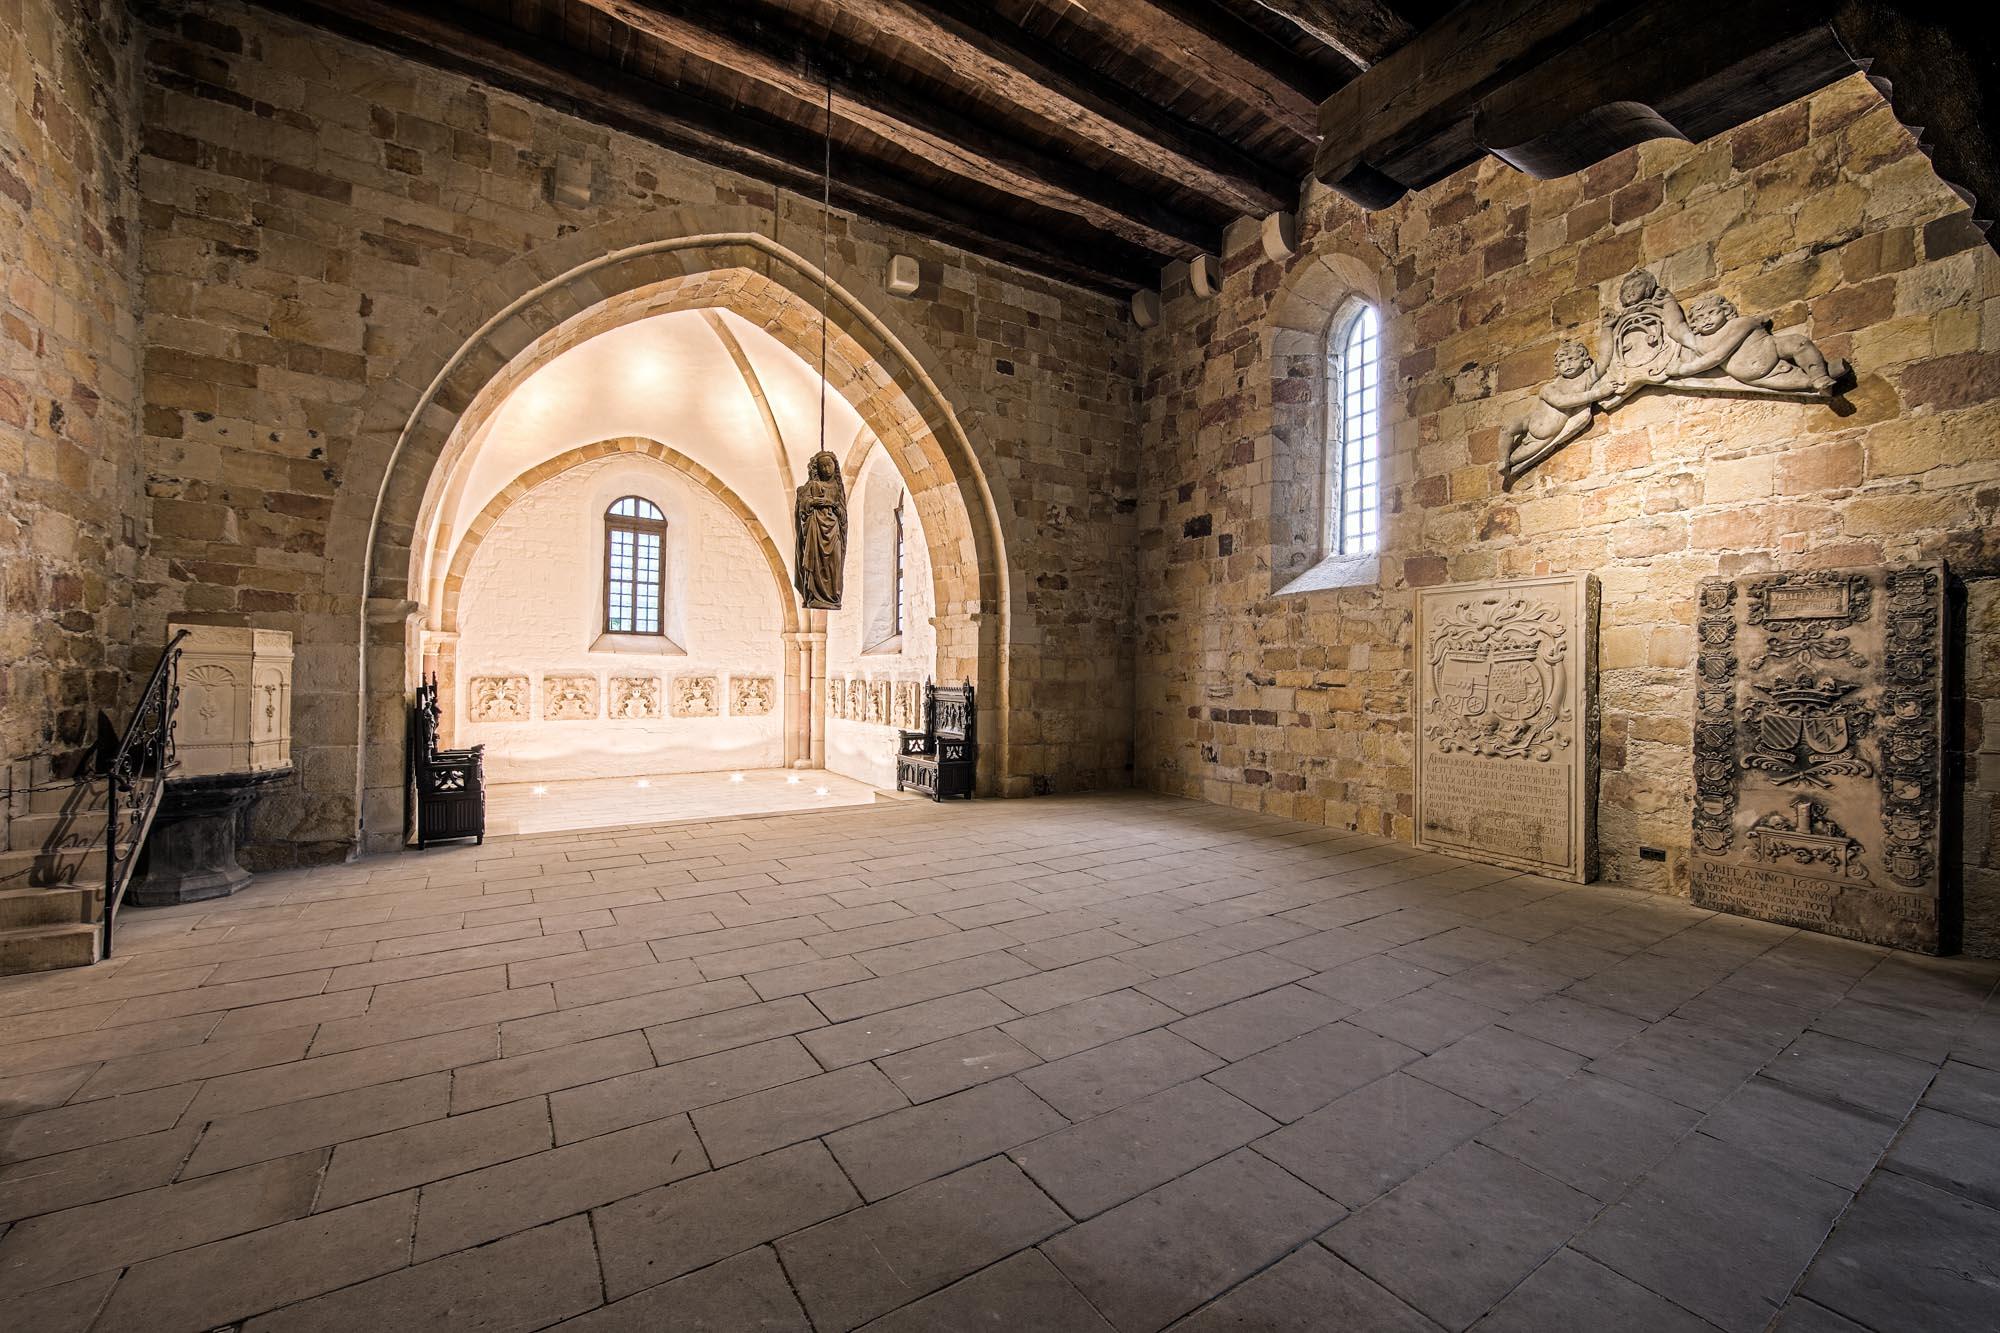 Katharinenkirche der Burg Bentheim